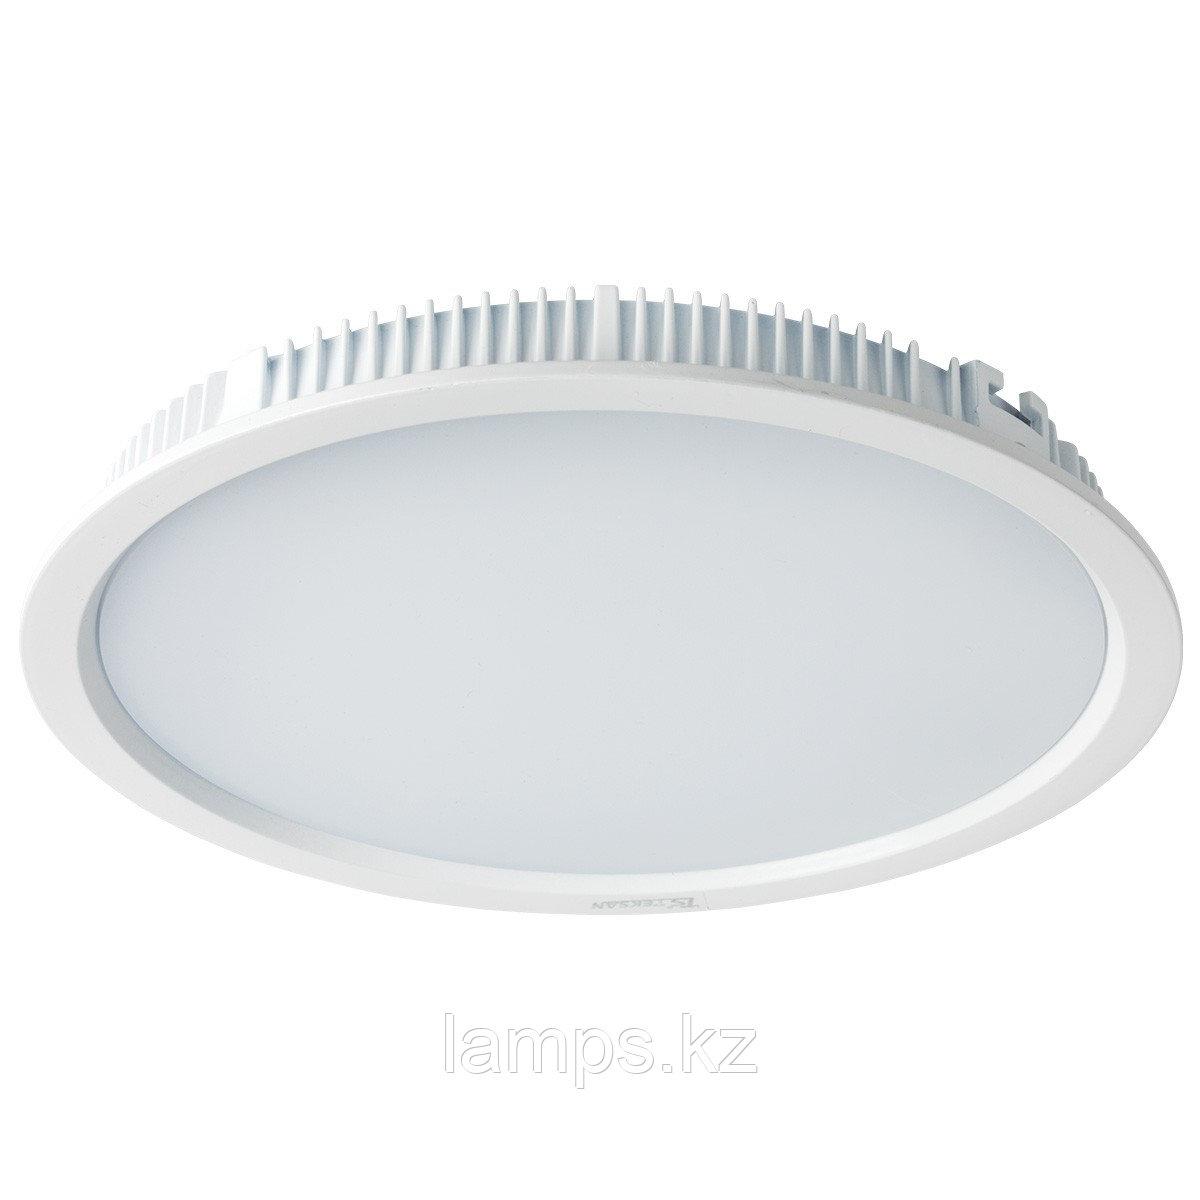 Светильник встраиваемый светодиодный круглый белый потолочный LED RD Panel 30W 3000K WH